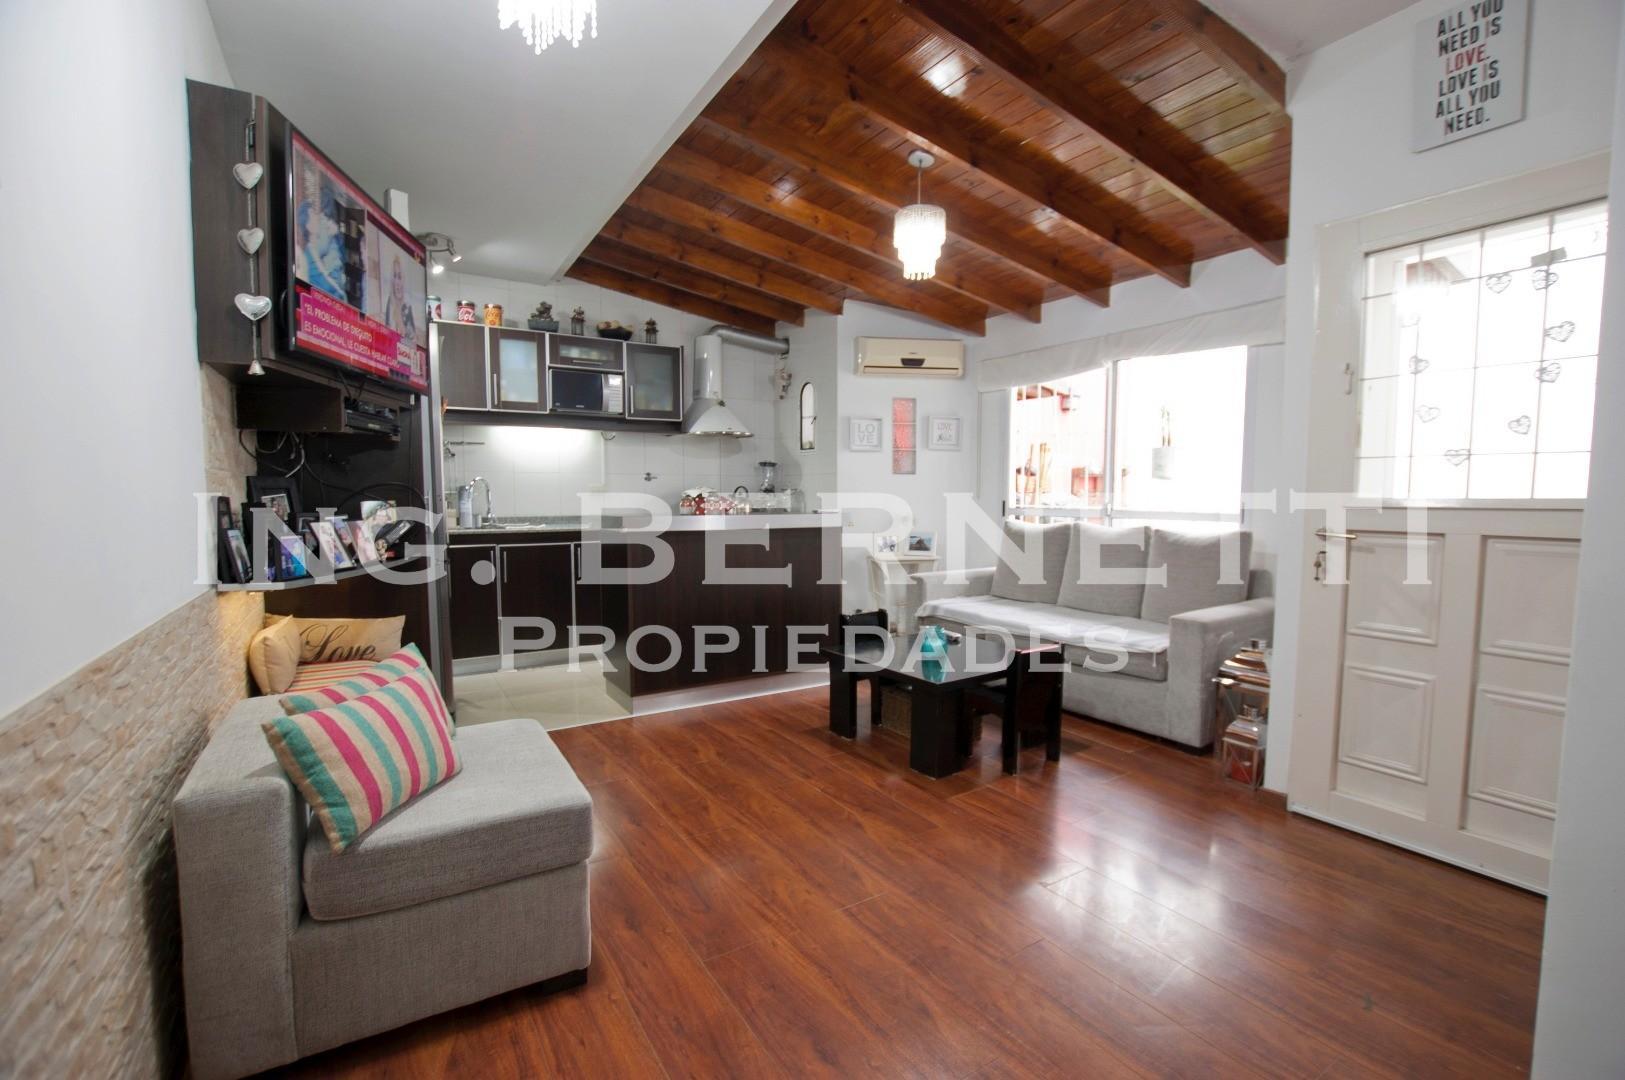 - RESERVADO - Tipo Casa 3 ambientes con jardín - Excelente ubicación - IMPECABLE !! -